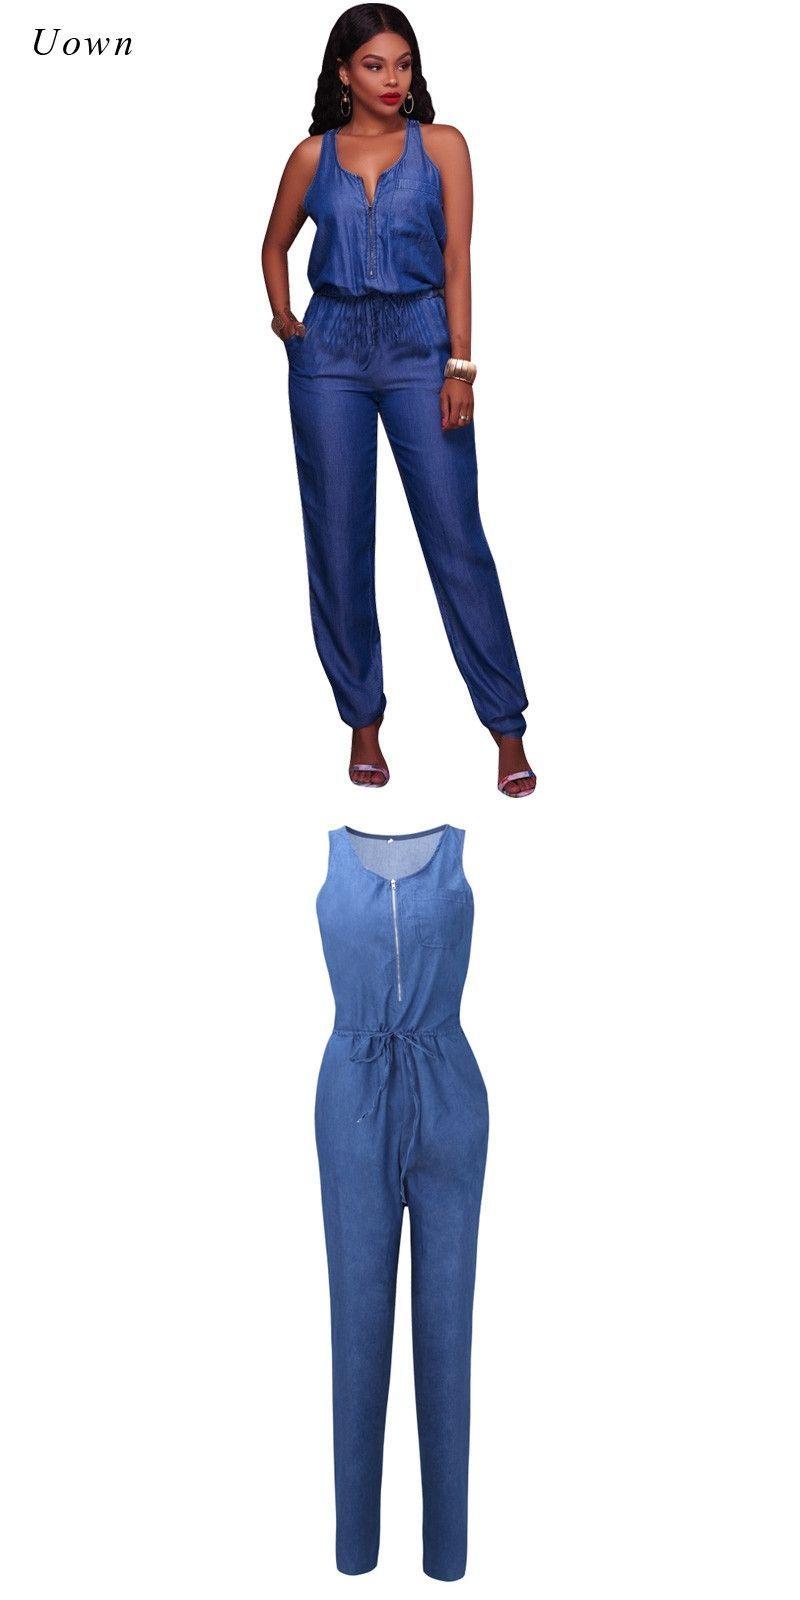 8c74e0577012 Summer Denim Jumpsuit for Women Sleeveless Zipper Front Pockets Long Pants  Romper Ladies Elegant One Piece Blue Jeans Jumpsuits